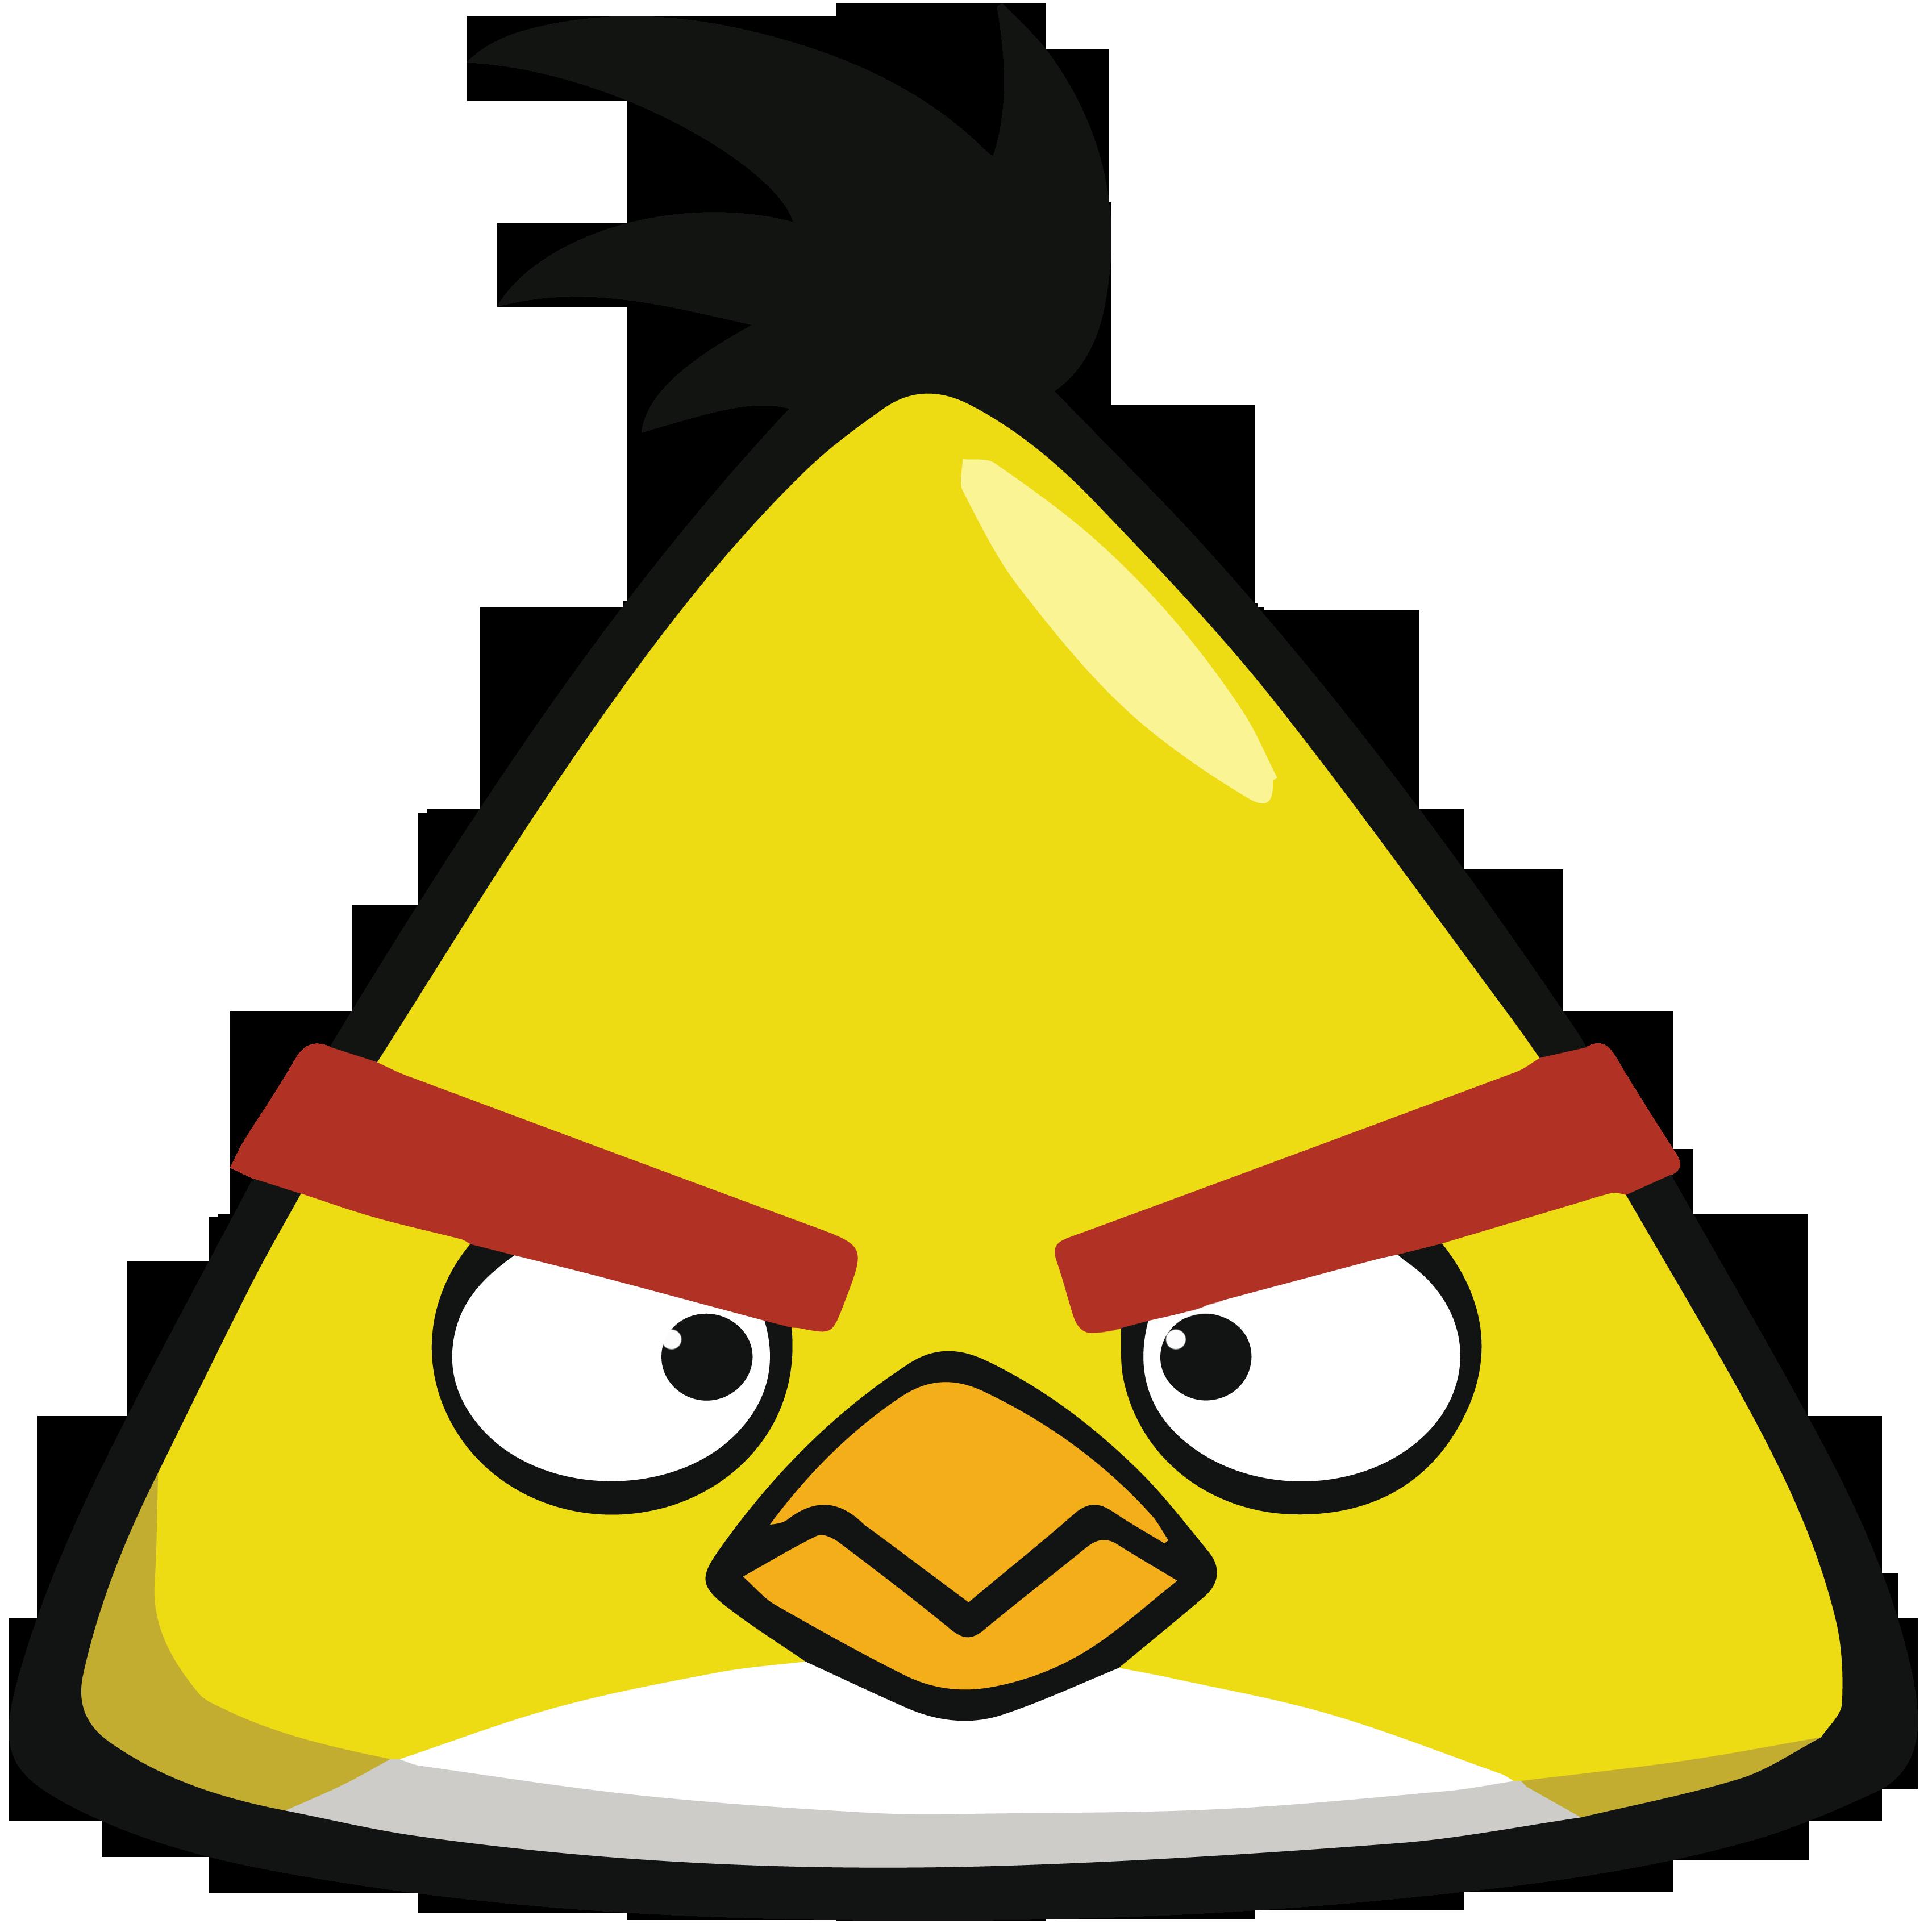 maker angry birds ontslaat 16 procent personeel emerce